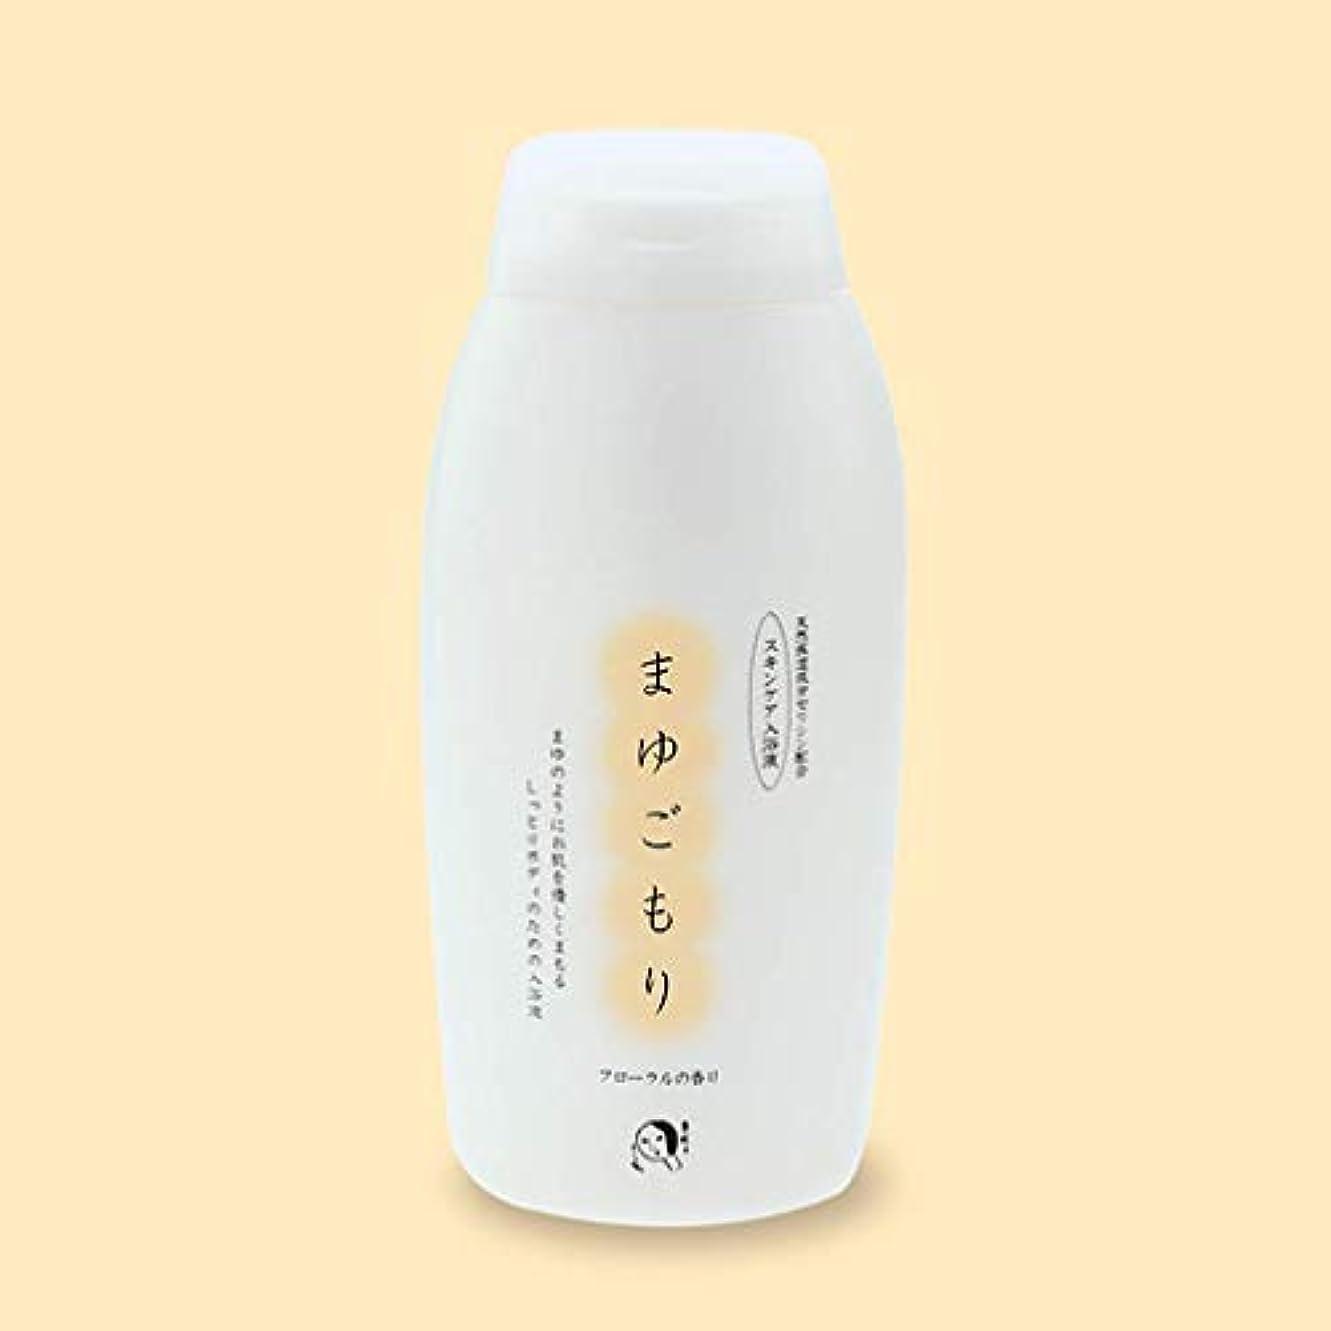 石鹸好きスパイよーじや まゆごもり入浴液(ボトルタイプ) 250ml(11回分)